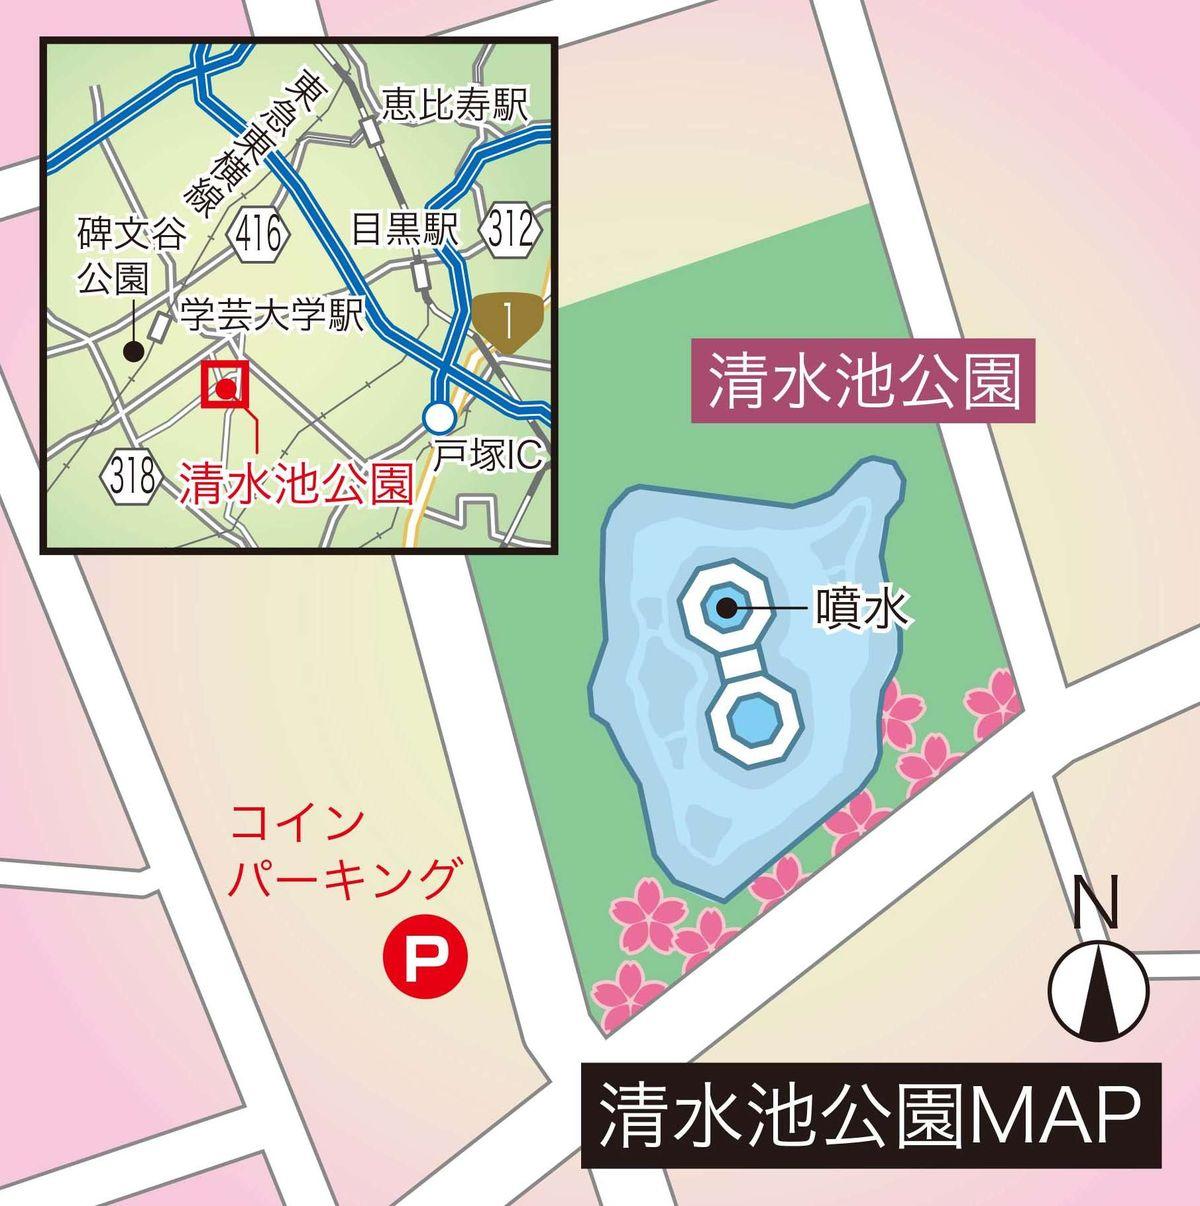 031-035ohanami_tsuriba_cs6 (1)